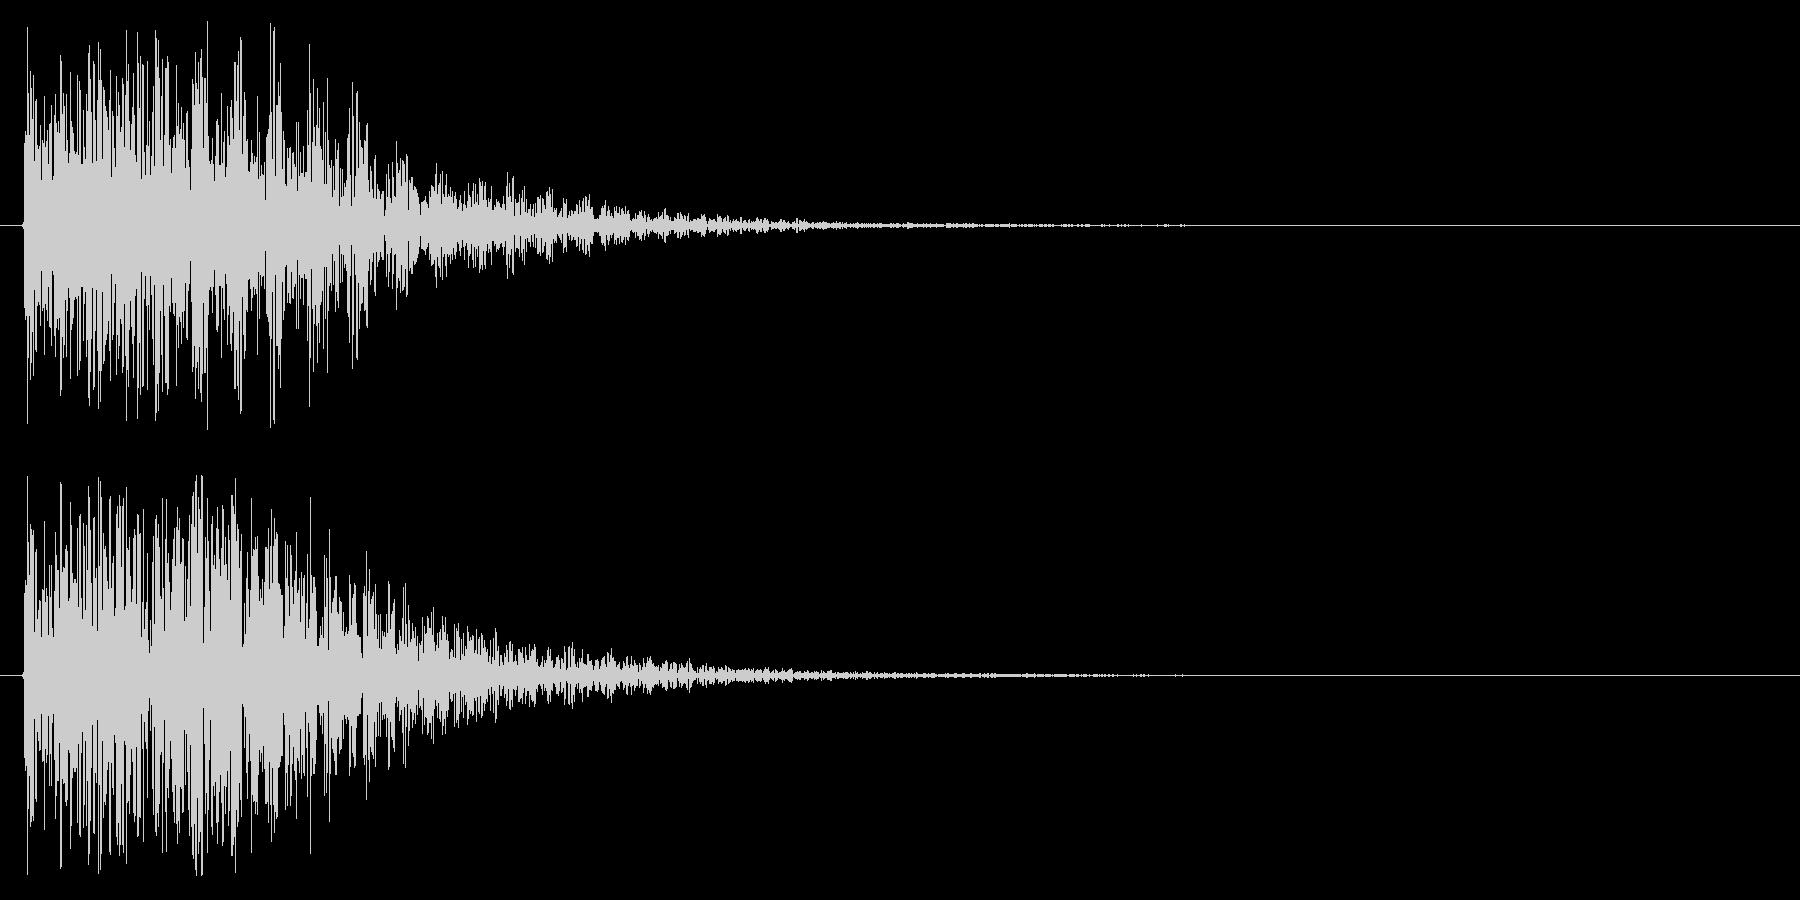 エラー音や攻撃をはじく様な音ですの未再生の波形